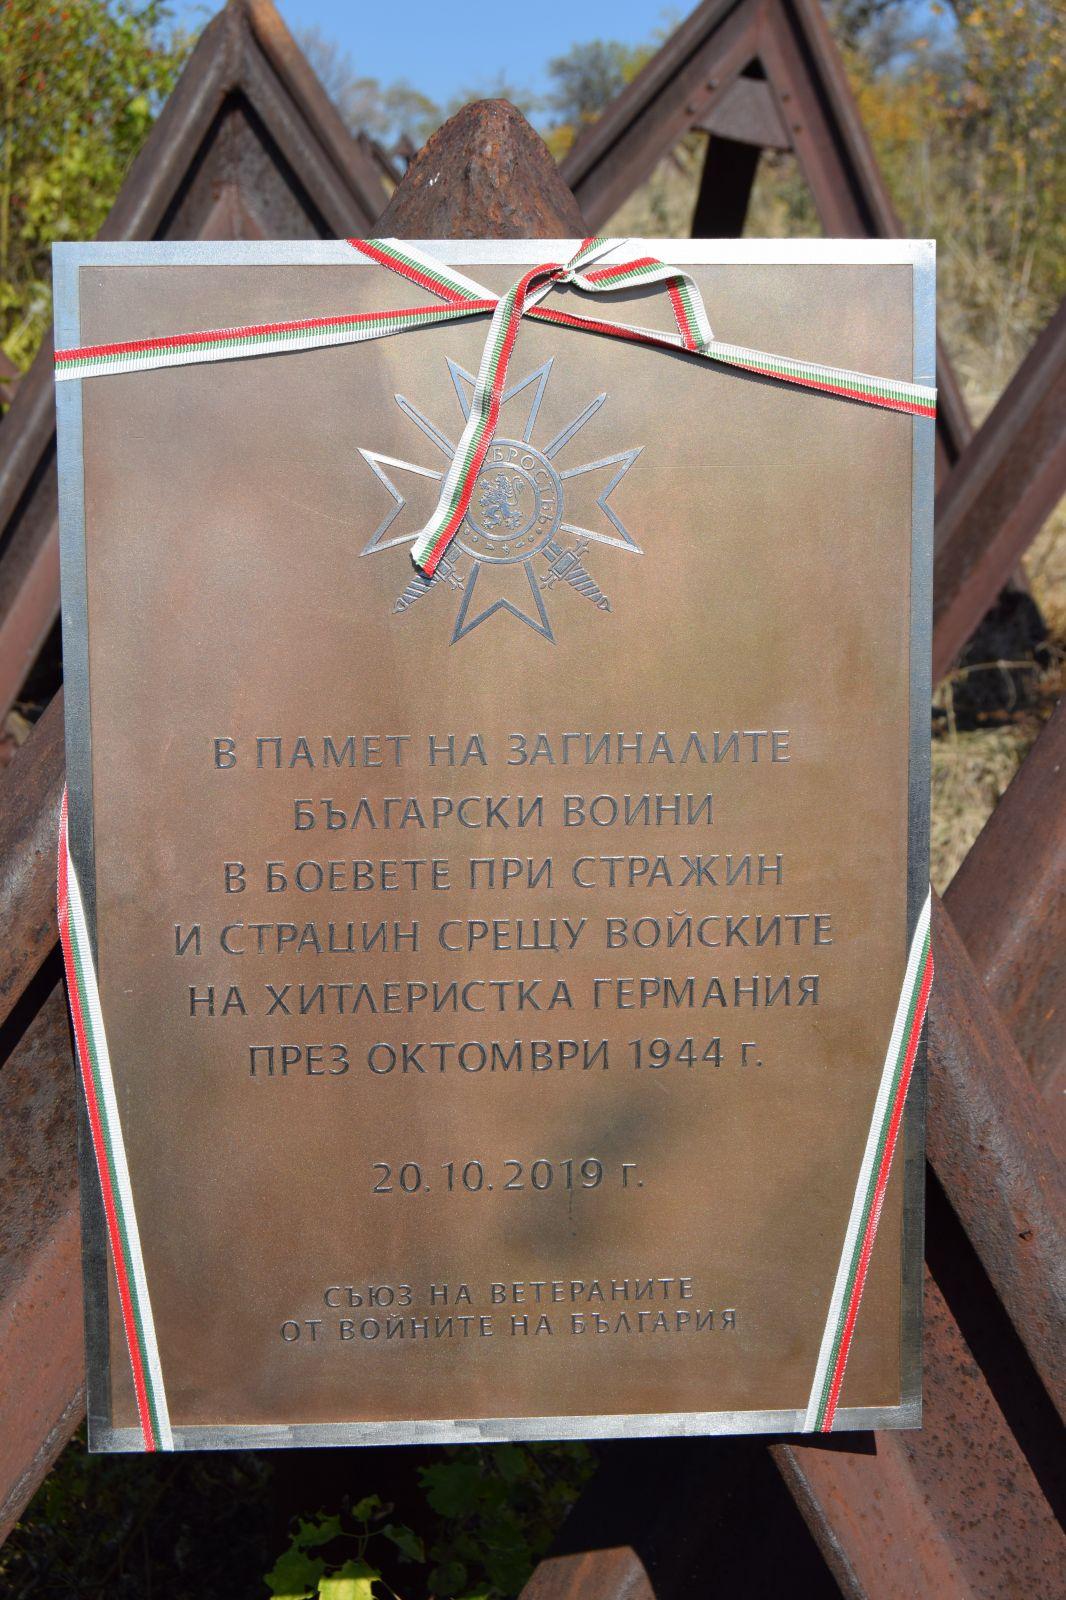 Страцин 2019 г.: Част 1 Сбъдната мечта - паметна плоча за загиналите в боевете край Страцин (Северна Македония) (ГОЛЯМА ЕКСКЛУЗИВНА ГАЛЕРИЯ)